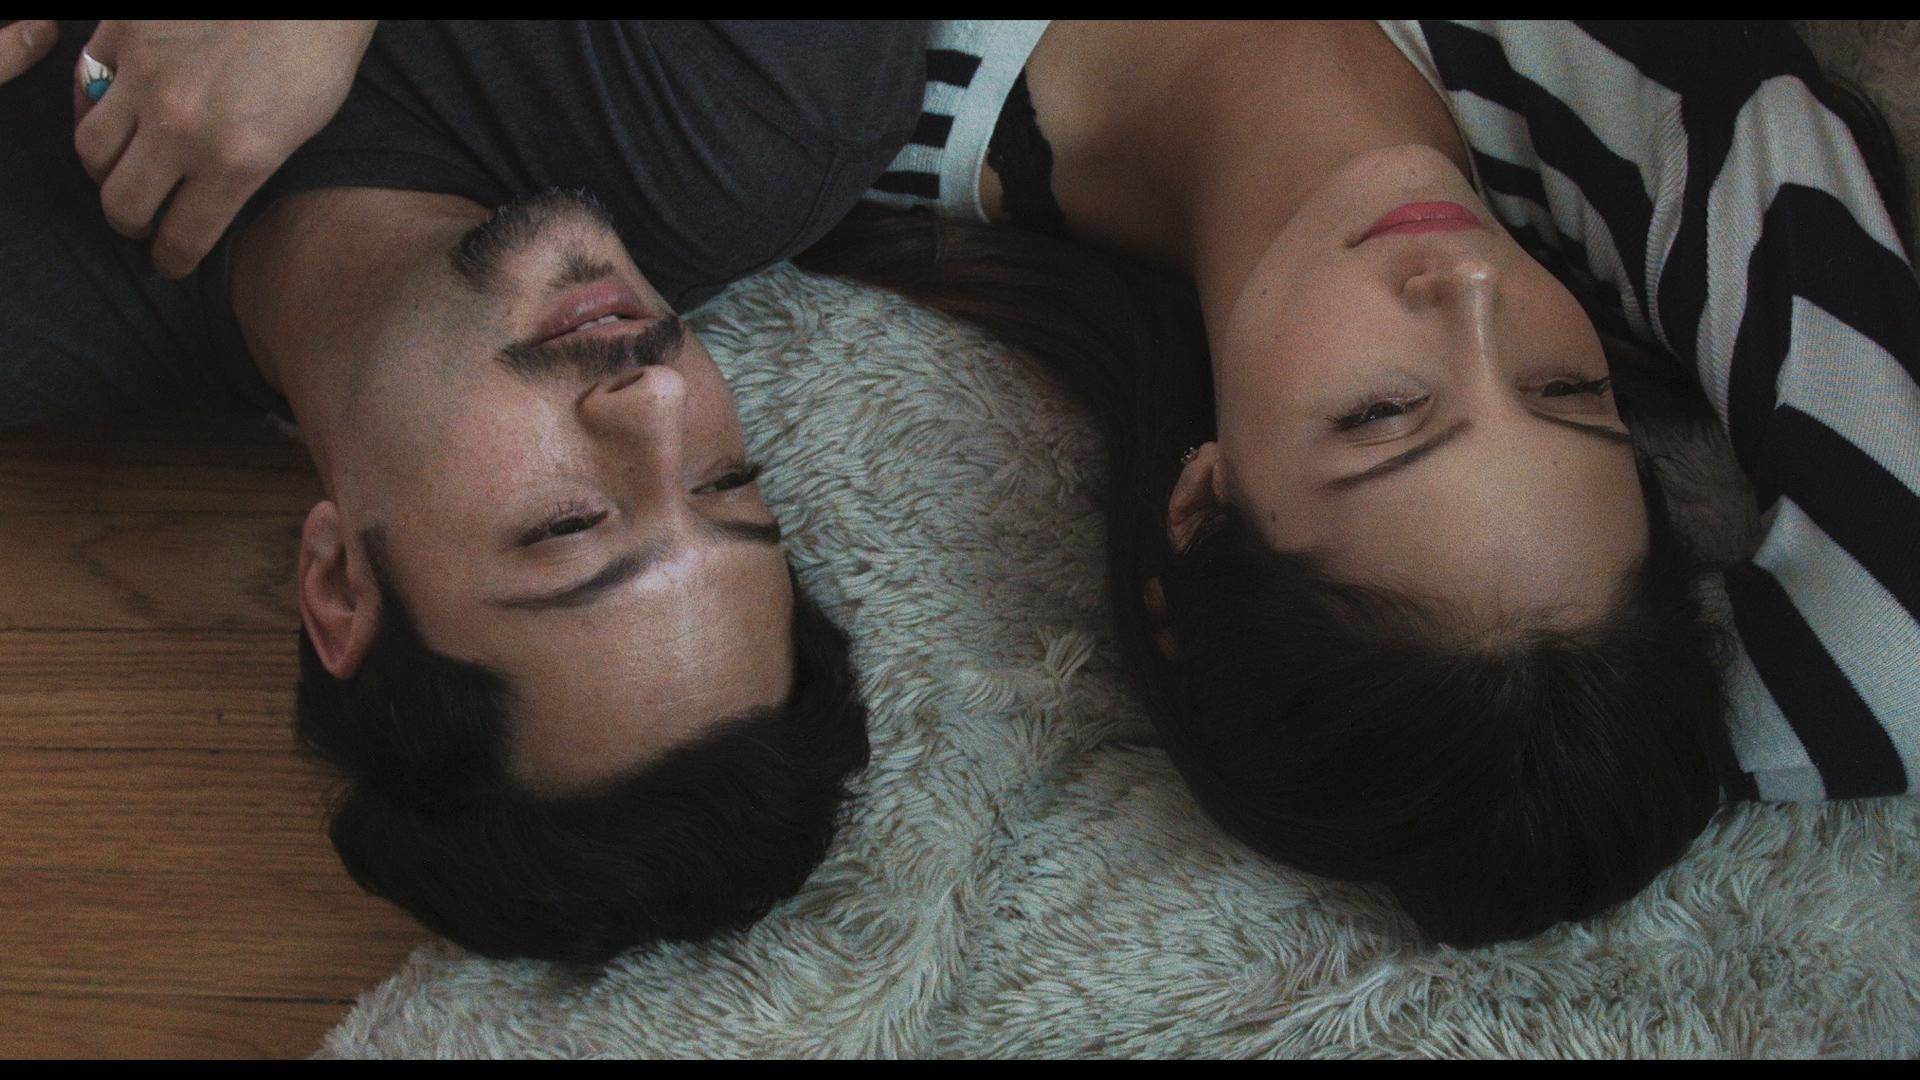 Amir Motlagh as Saam. Samantha Robinson as Ashley